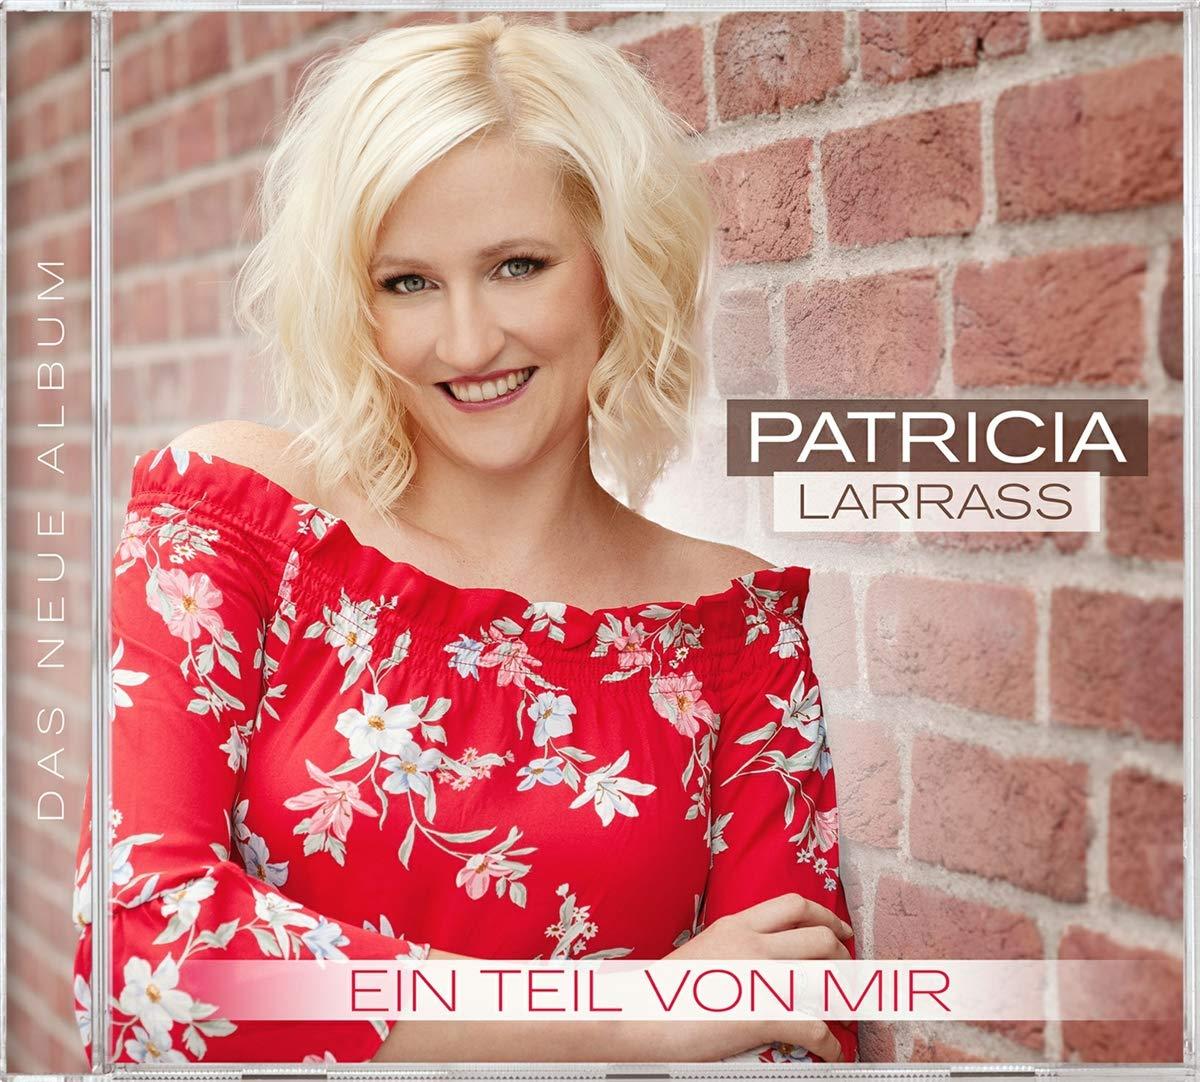 Patricia Larraß - Ein Teil von mir (2020) CD